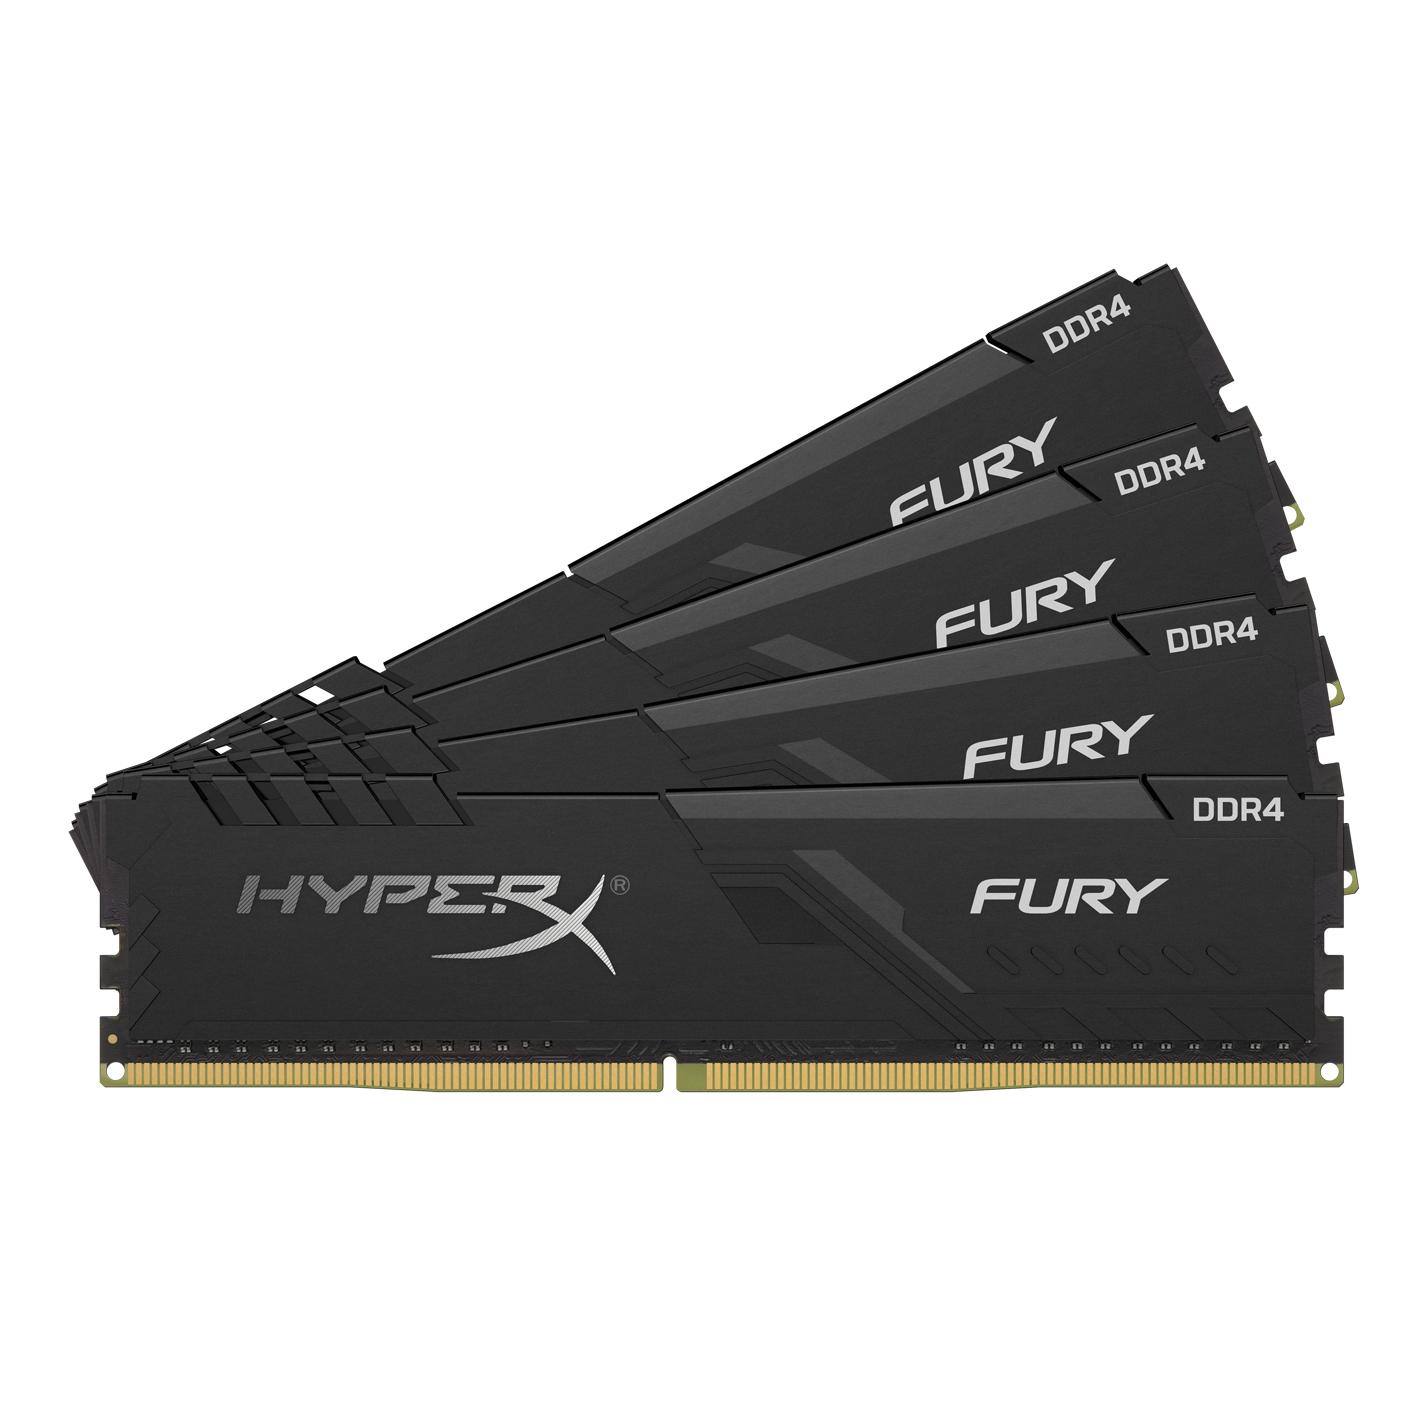 HyperX FURY HX426C16FB3K4/64 memory module 64 GB DDR4 2666 MHz